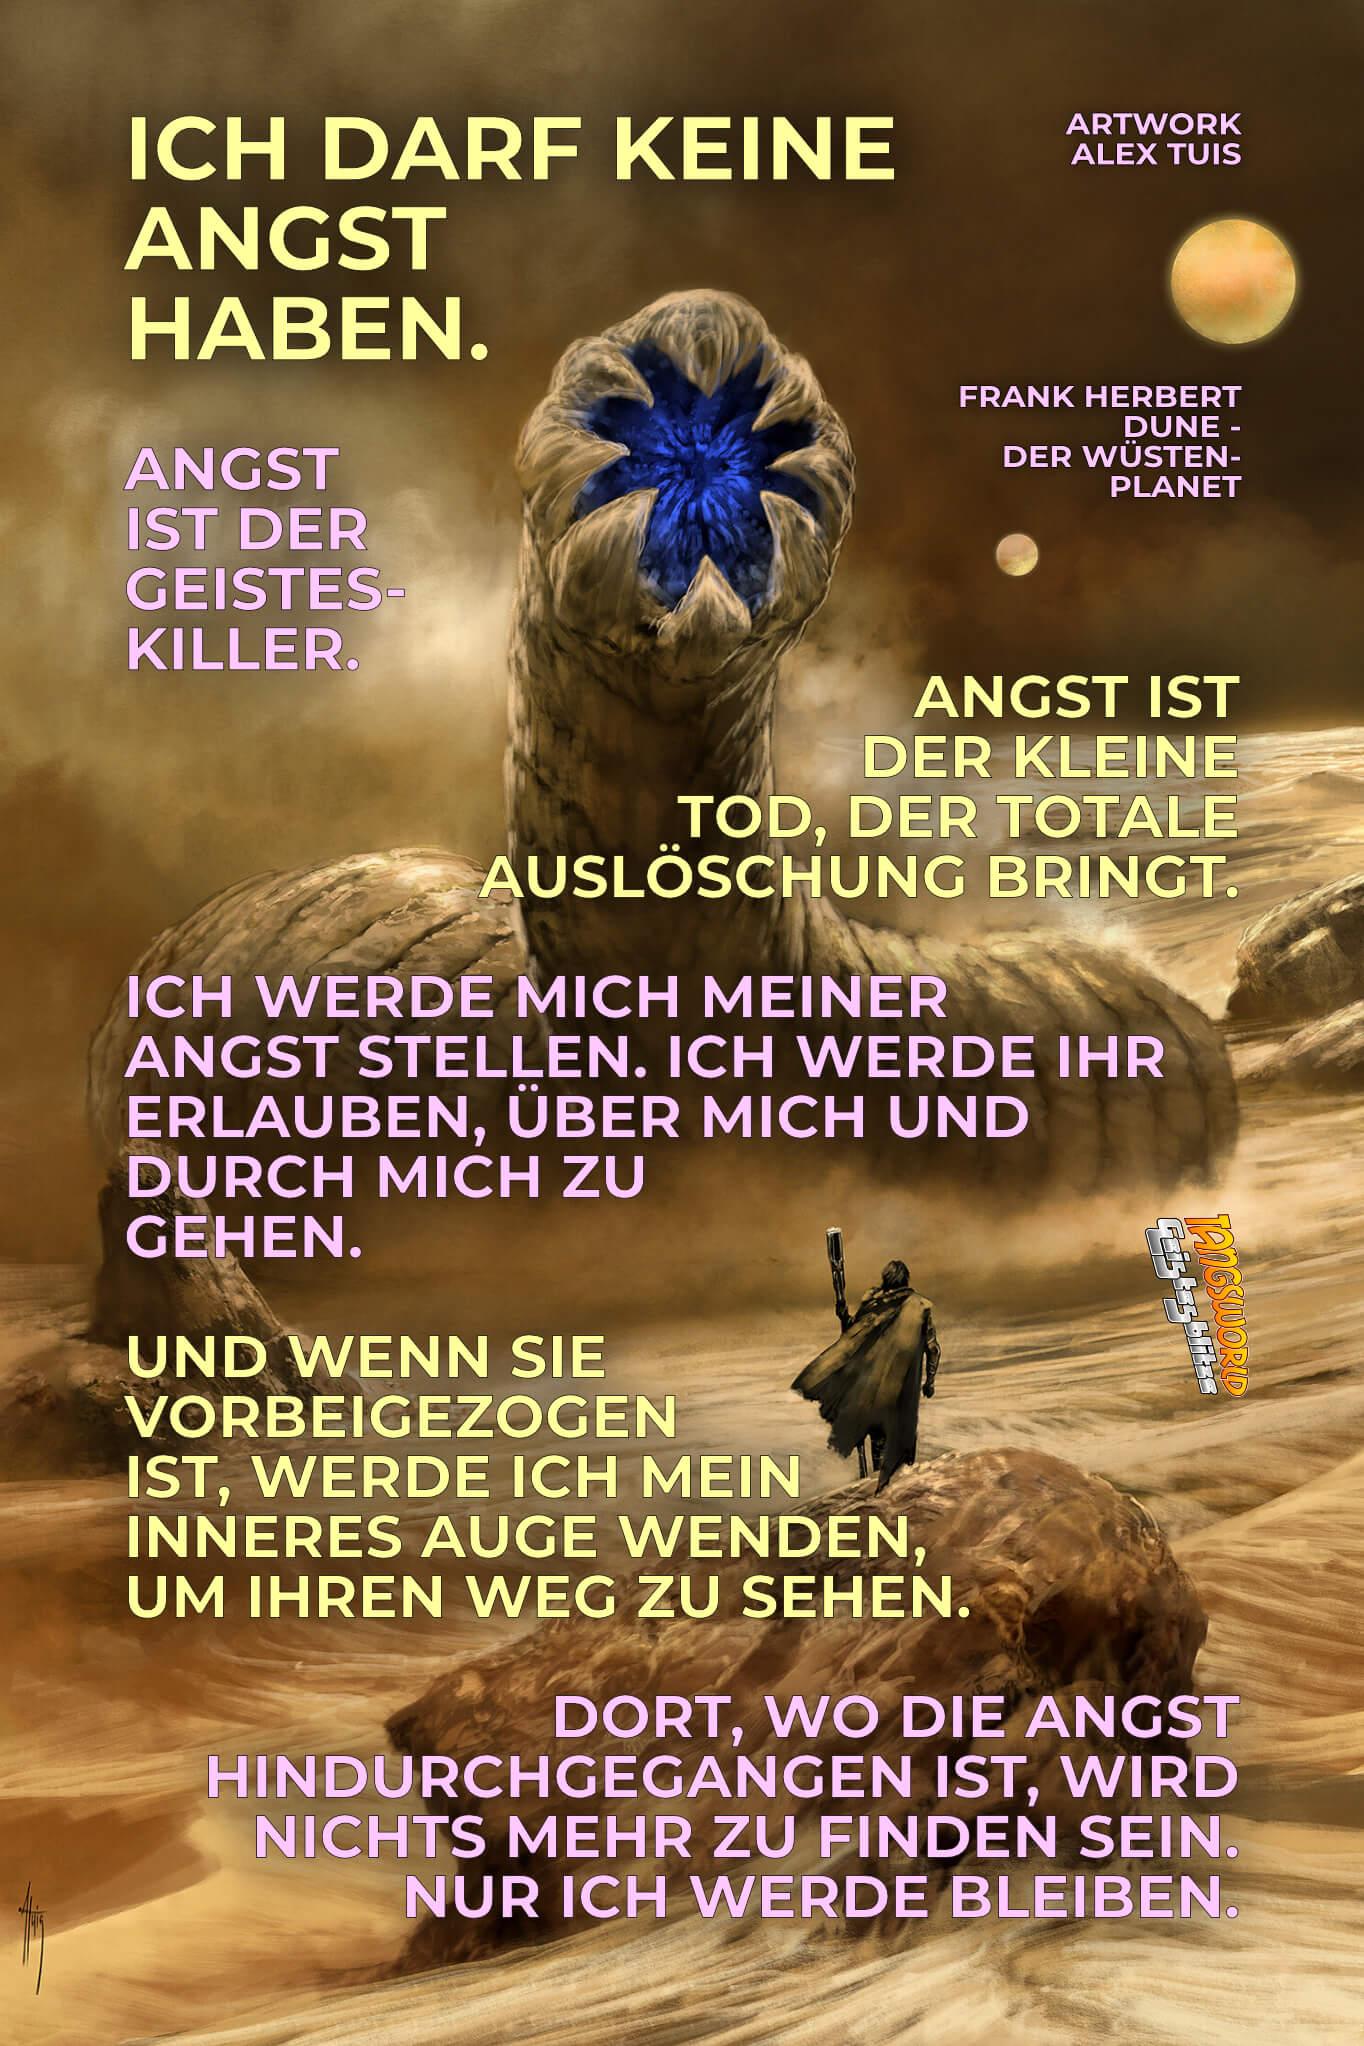 Ich darf keine Angst haben. Angst ist der Geistes-Killer … - Geistesblitze - Frank Herbert - Dune - Der Wüstenplanet